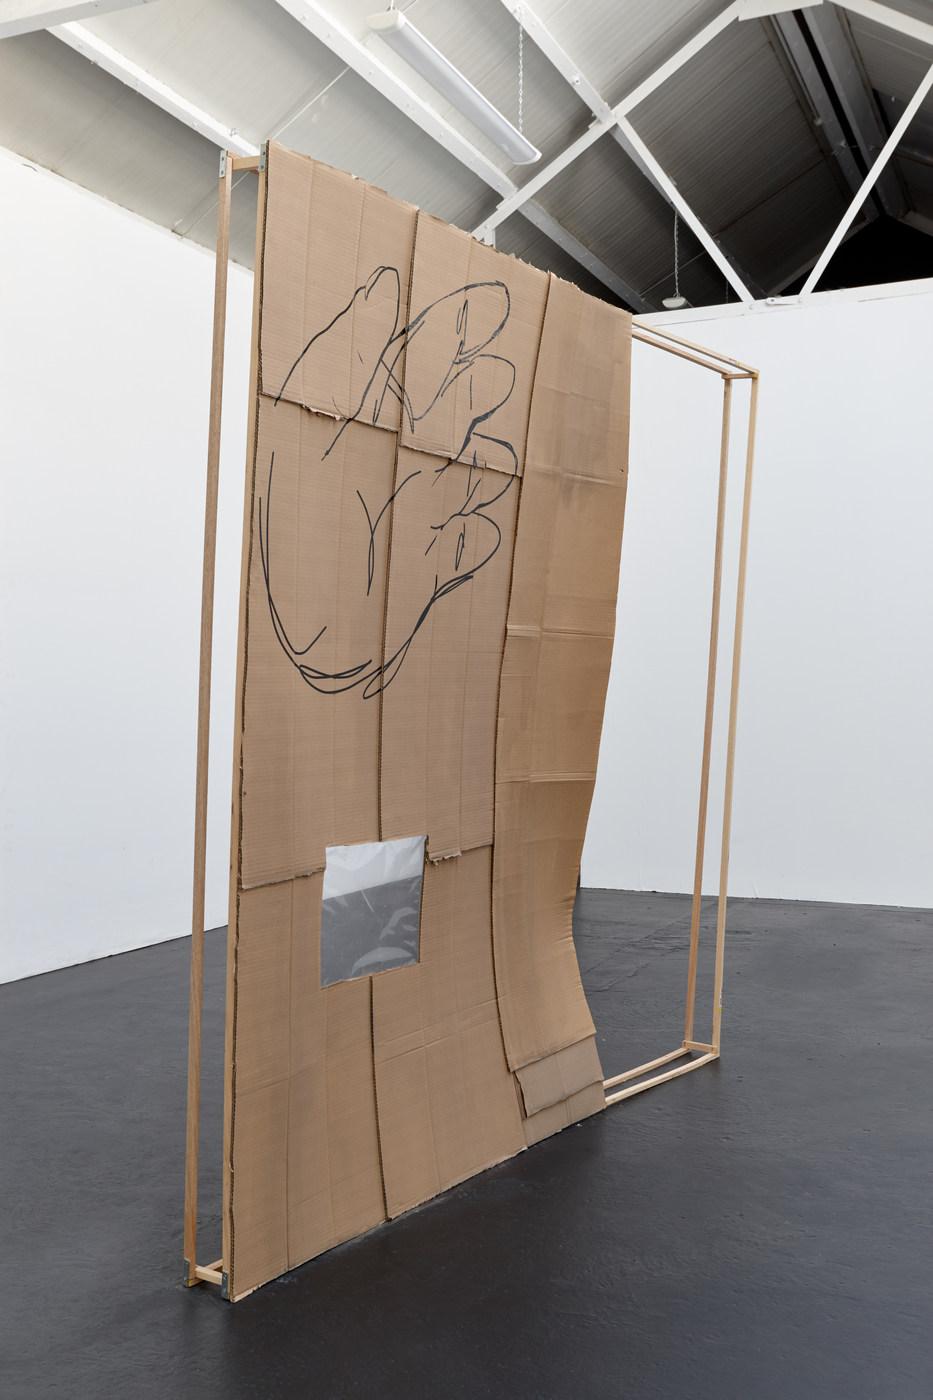 01. Bernhard Hegglin - Box (eye), 2016